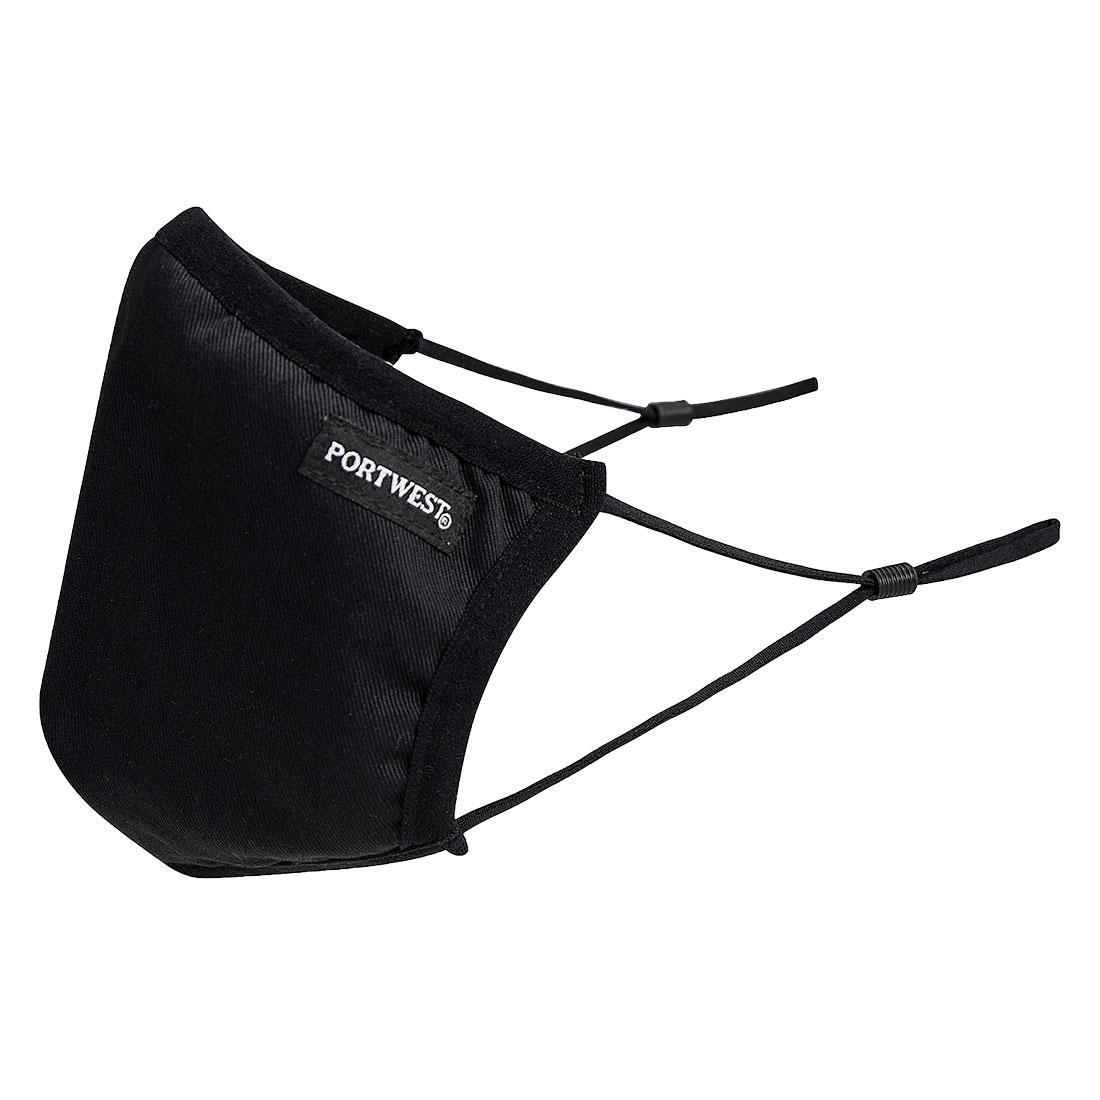 Защитная 3-слойная многоразовая тканевая маска для лица Portwest CV33, черный